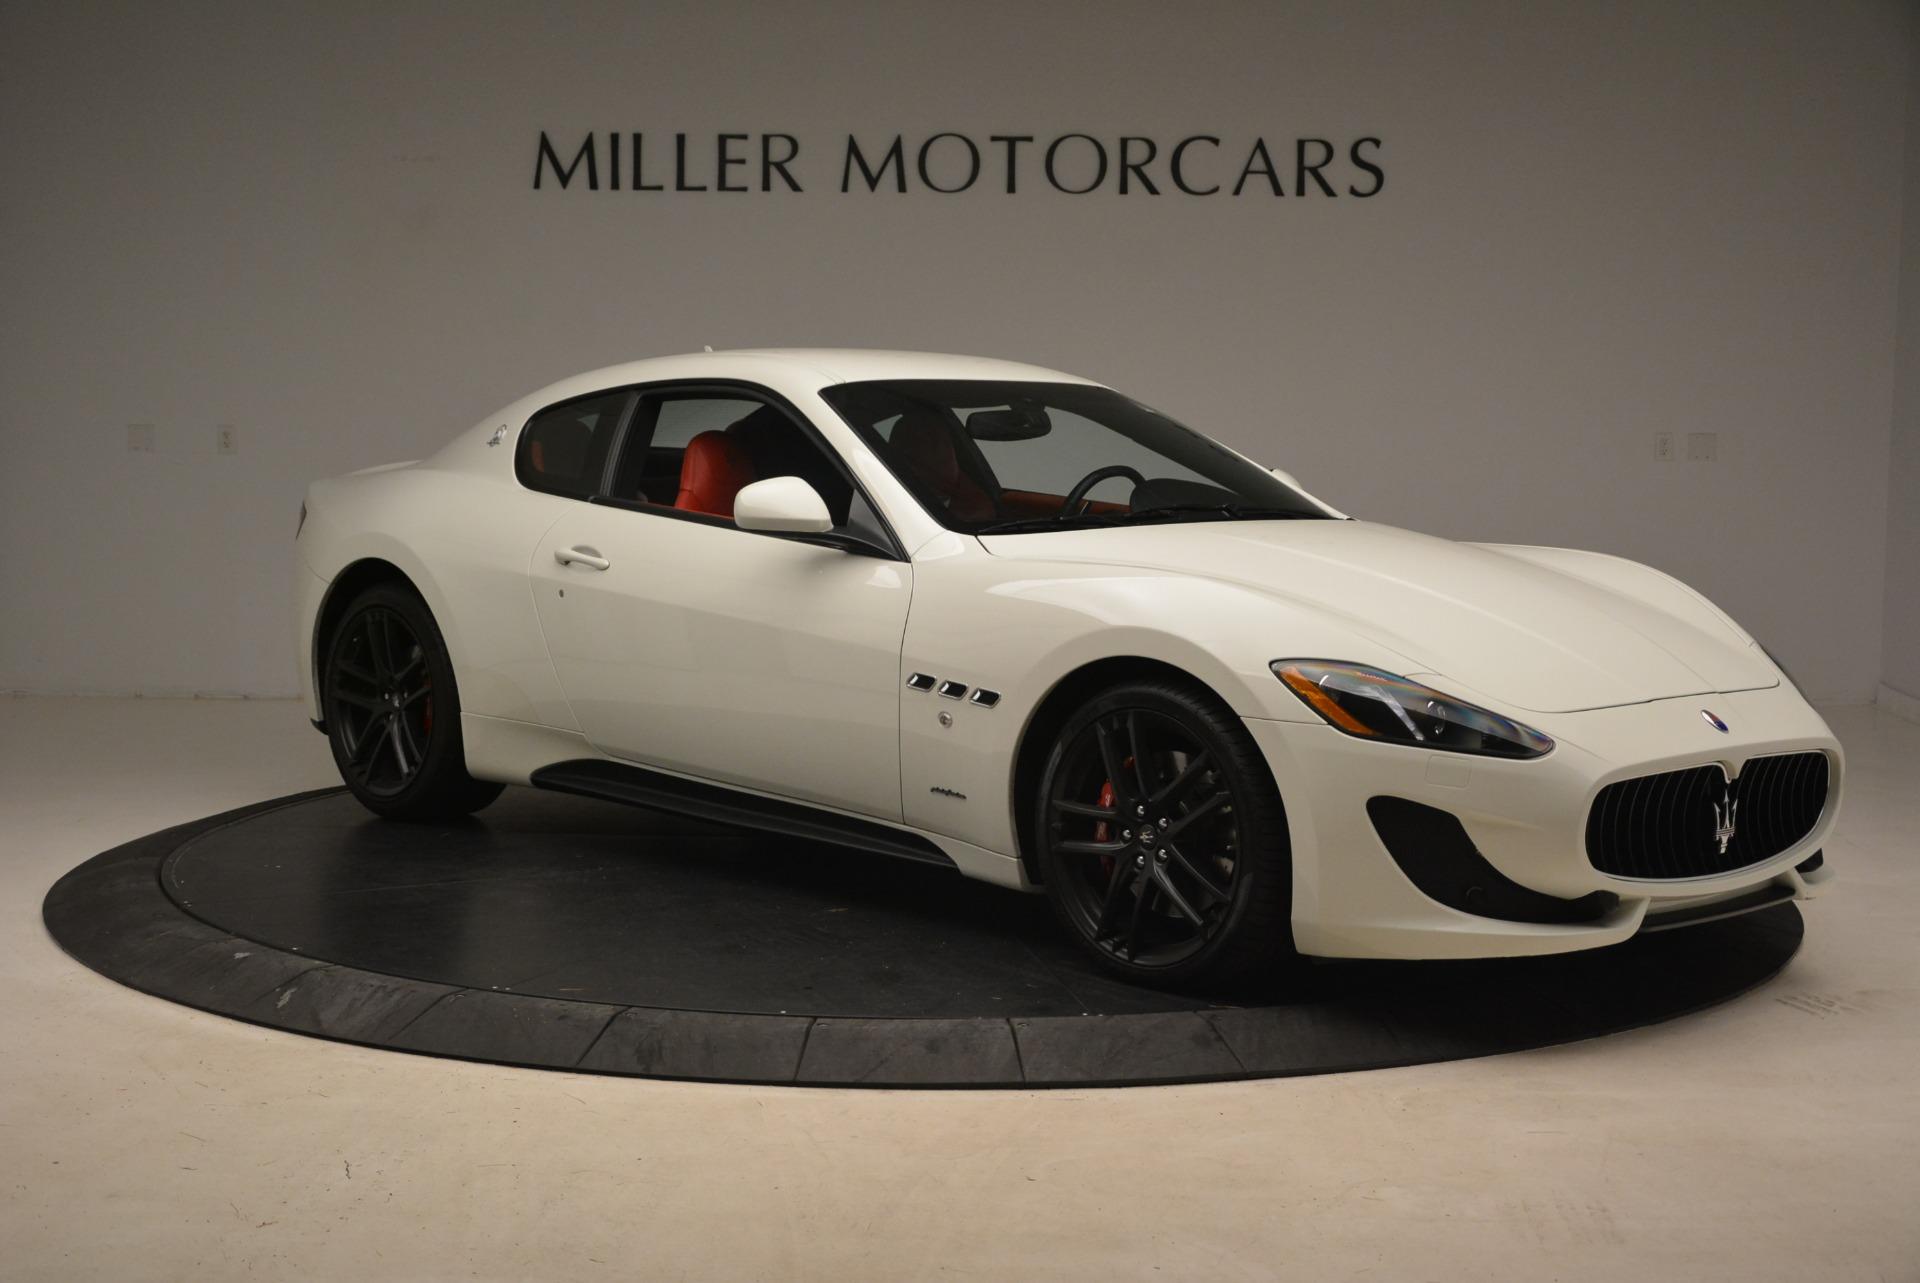 Used 2015 Maserati GranTurismo Sport For Sale In Greenwich, CT 2233_p11